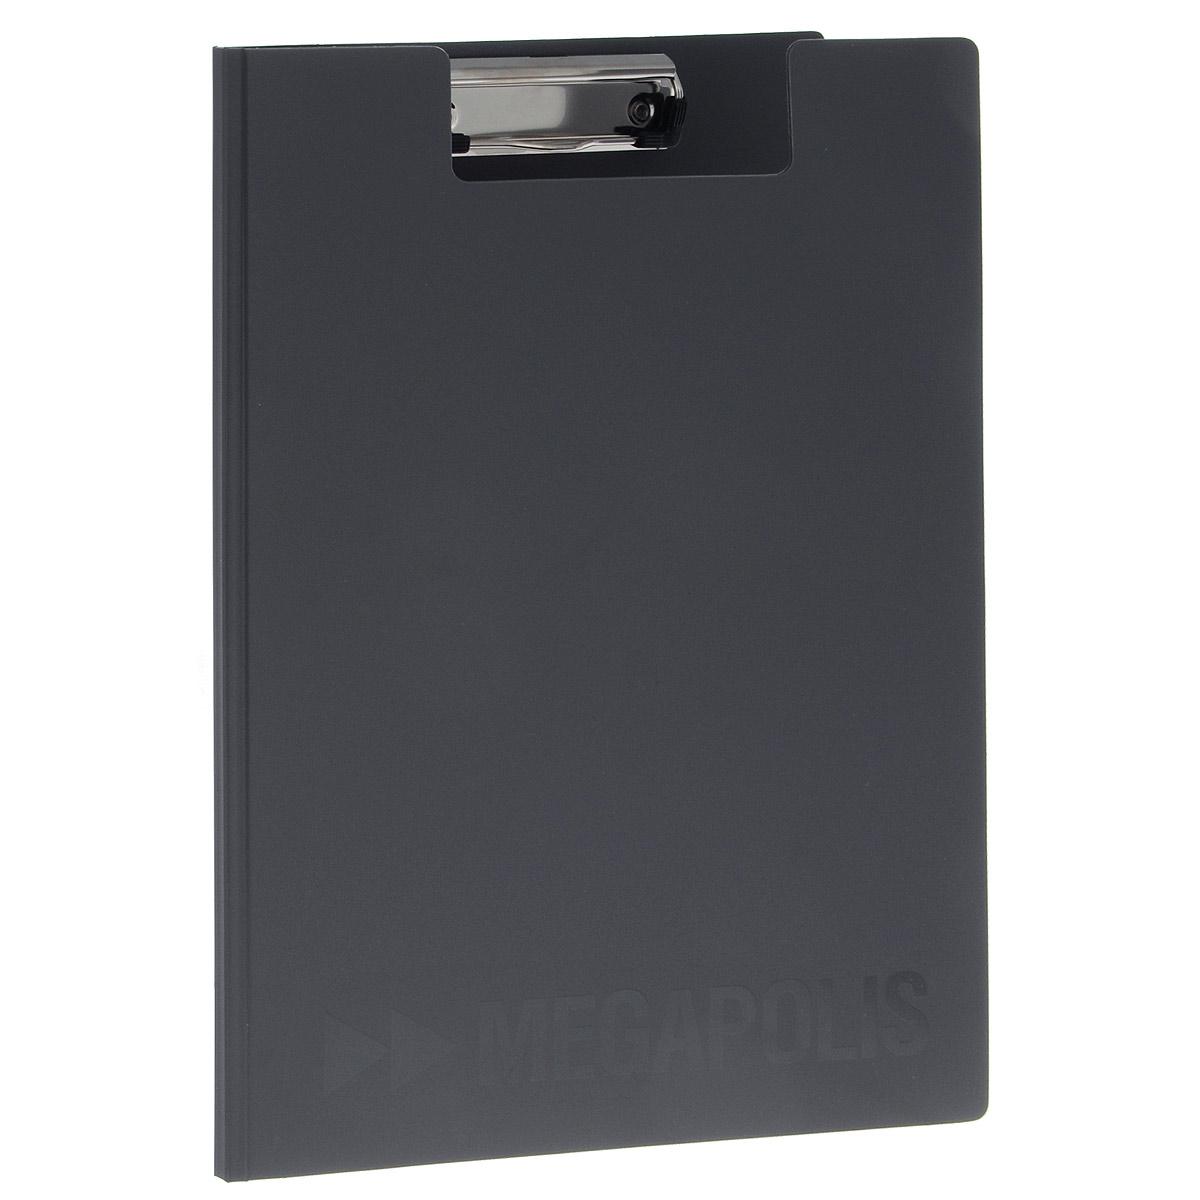 Папка-планшет Erich Krause Megapolis, формат А4, цвет: серыйFS-36054Папка-планшет Erich Krause Megapolis будет незаменима для работы с документацией в дороге или на складе, а так же может быть использована для подготовки и хранения текстов выступлений или докладов.Изготовлена из жесткого пластика, и ПВХ. Благодаря своей жесткости позволяет делать записи на весу. Металлический зажим надежно фиксирует листы, предотвращая сползание бумаги. Есть внутренний карман для заметок.